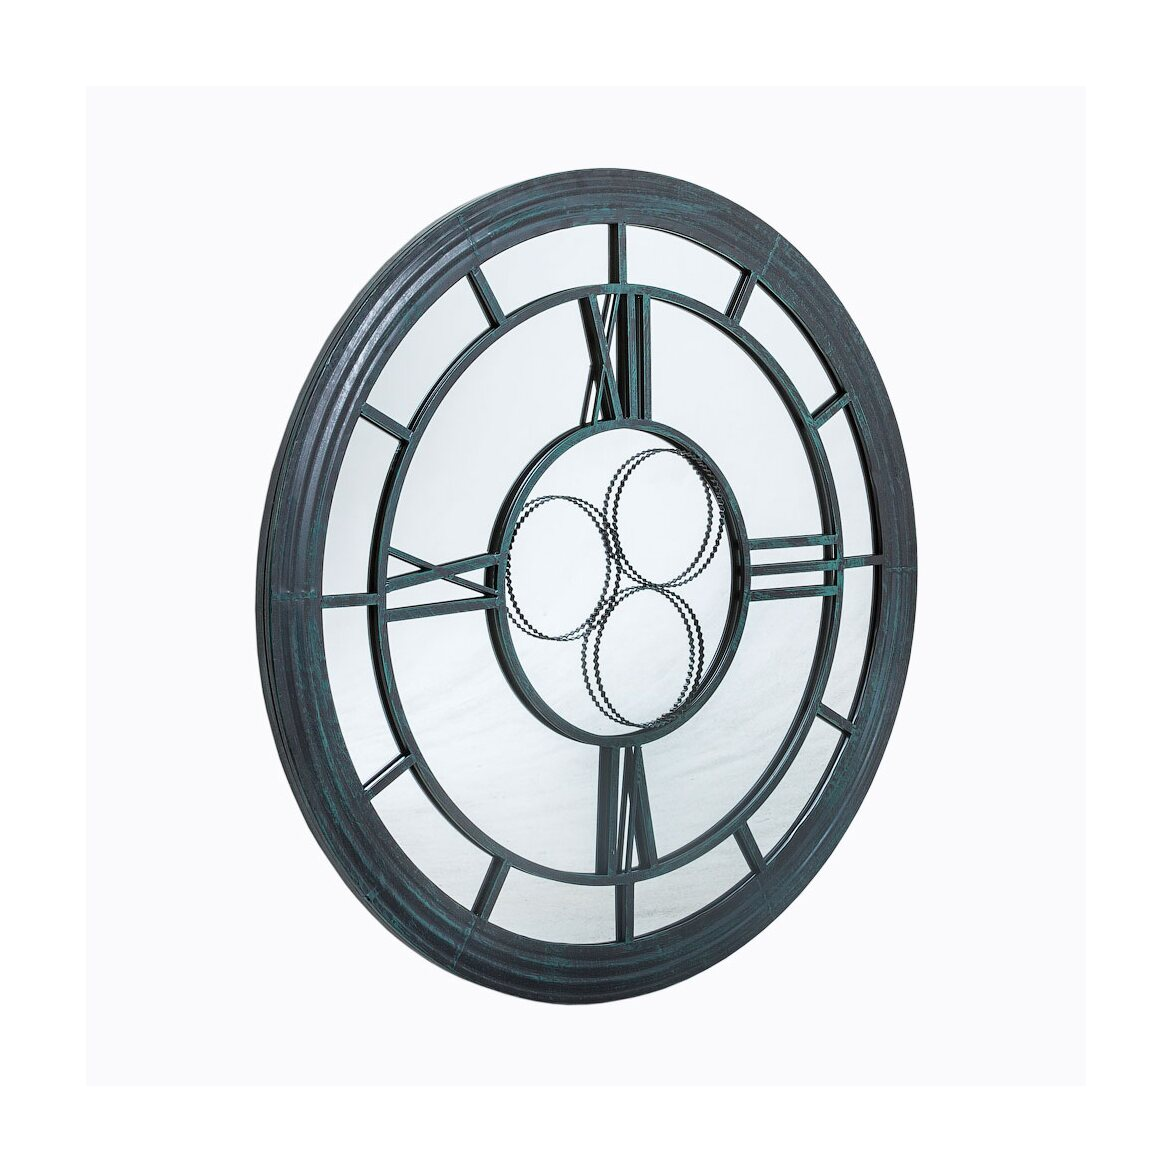 Настенное зеркало «Сен-Лазар» (черный антик) | Настенные зеркала Kingsby